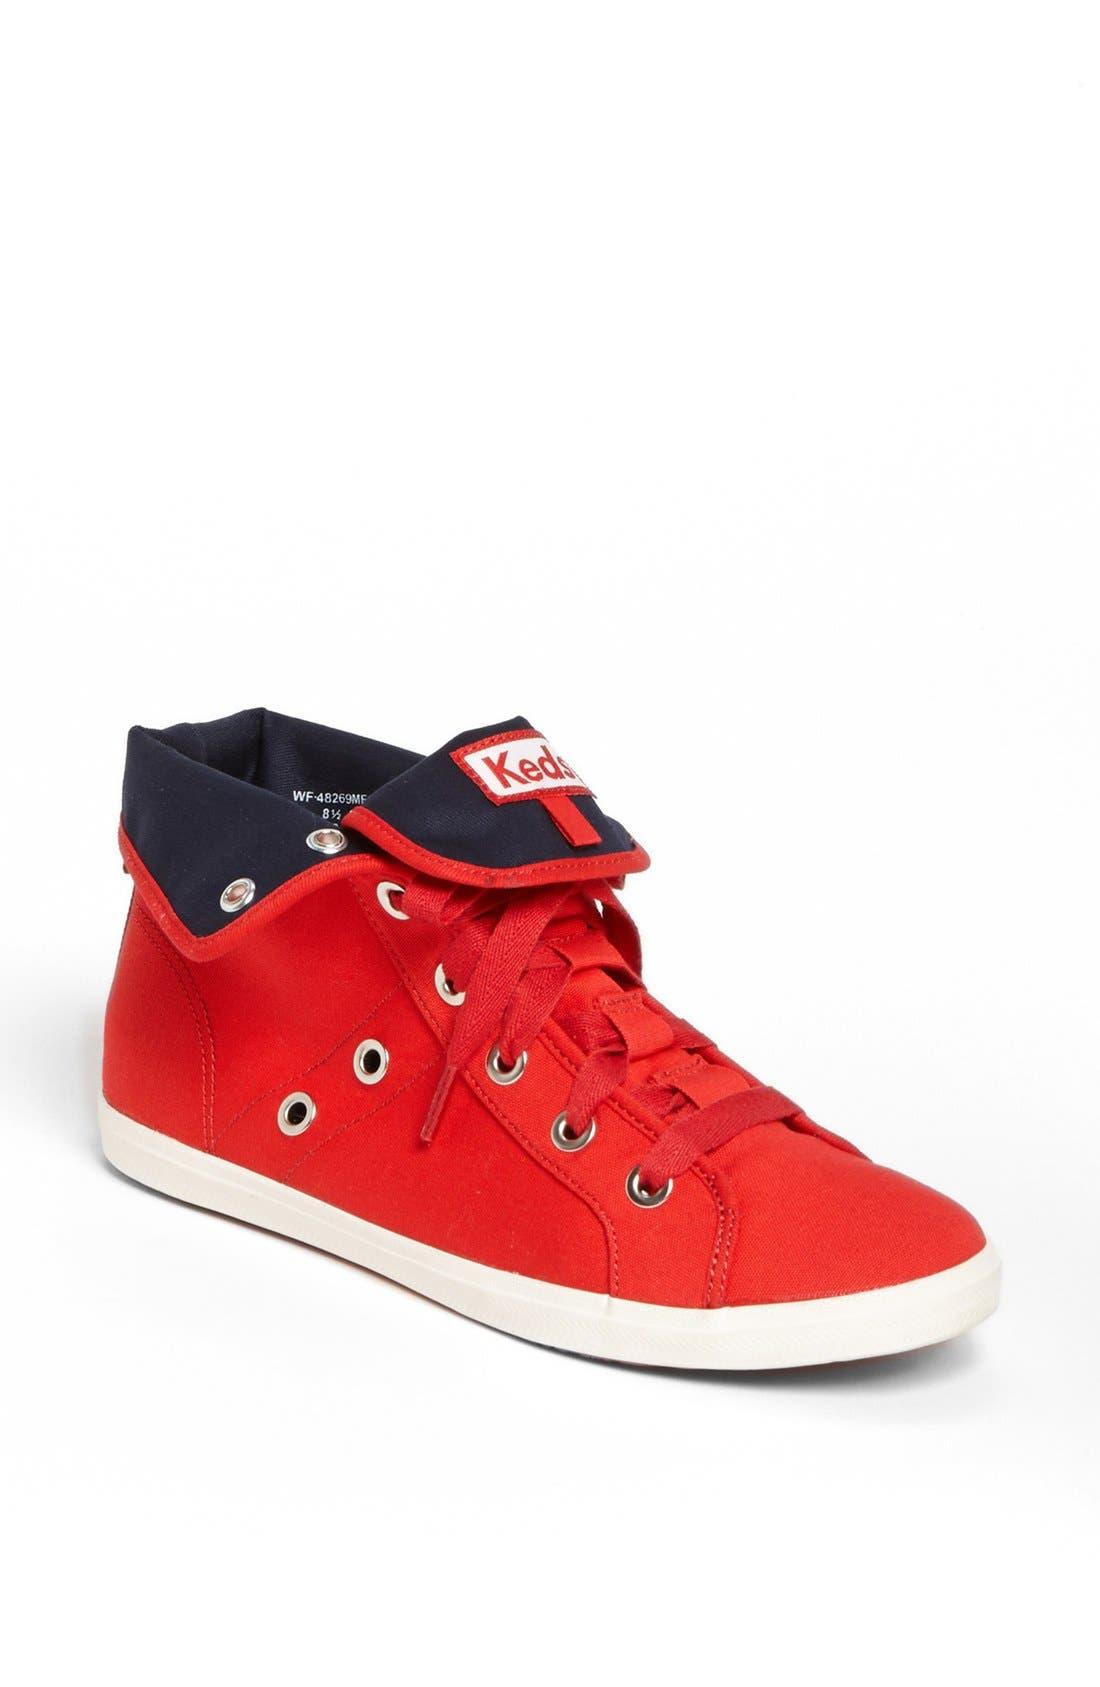 Main Image - Keds® 'Rookie - Loop-De-Loop' High Top Sneaker (Women)